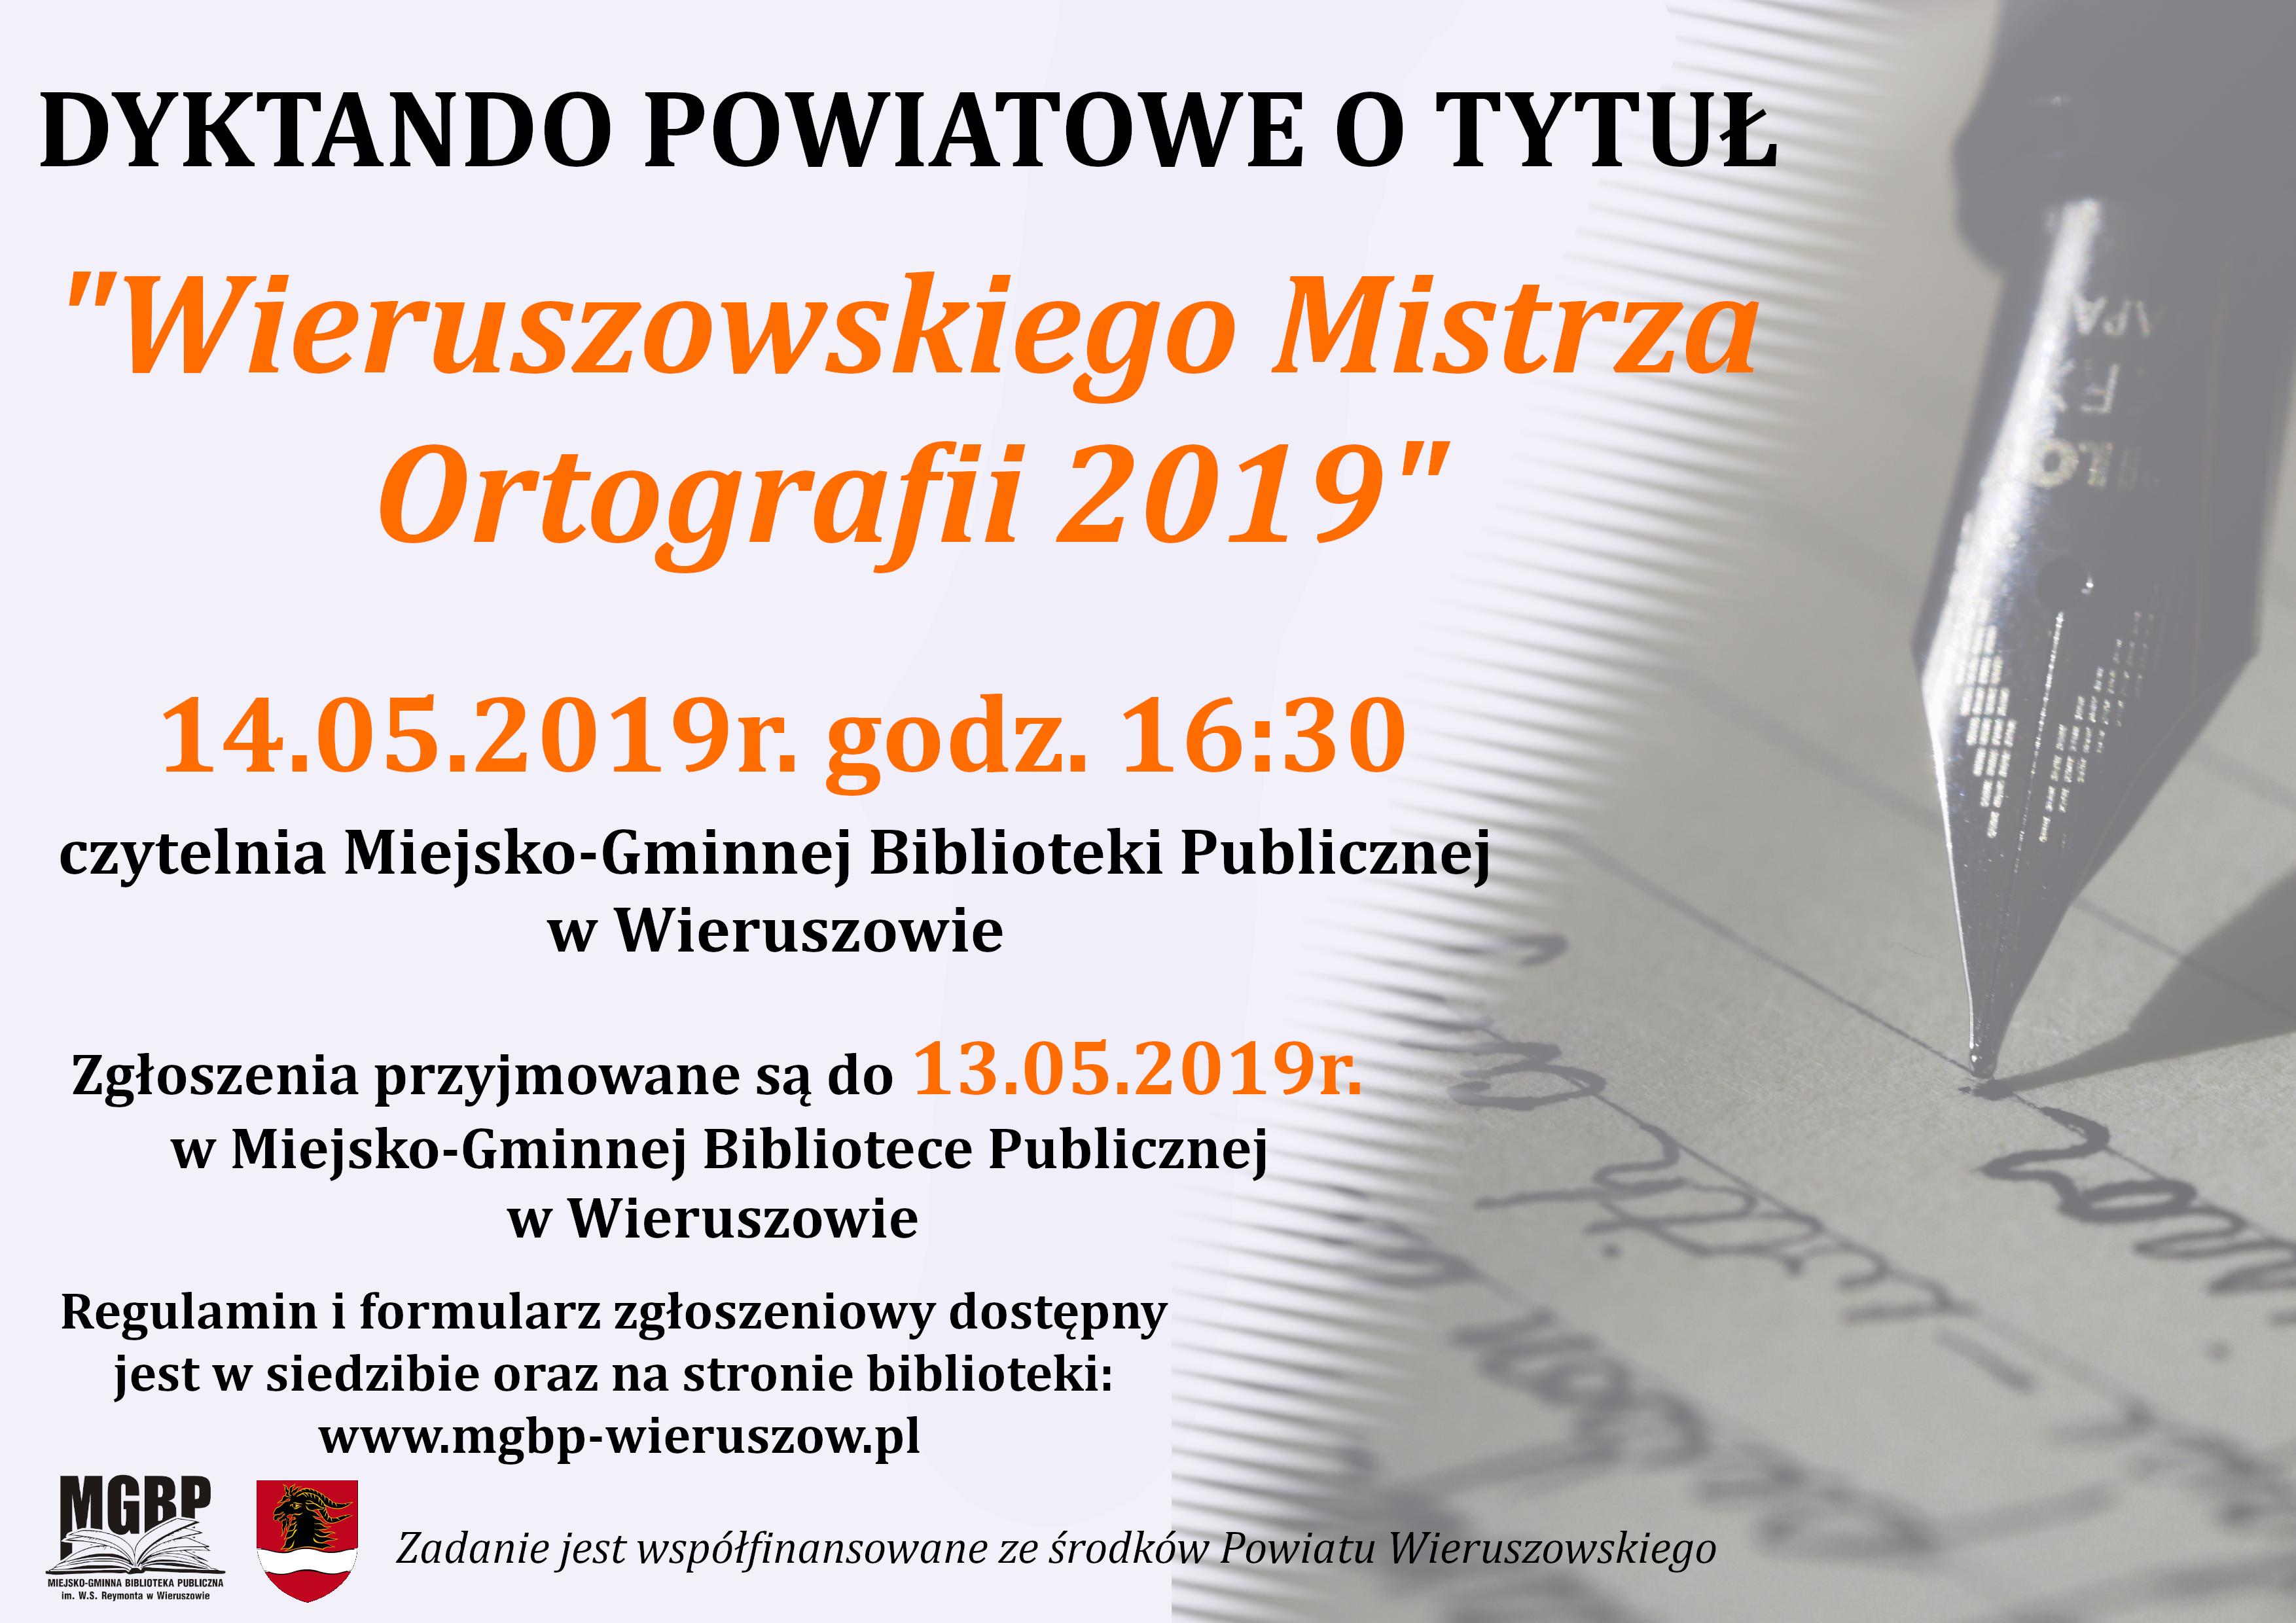 """Zapisy ruszyły – Dyktando Powiatowe otytuł """"Wieruszowskiego Mistrza Ortografii 2019"""""""